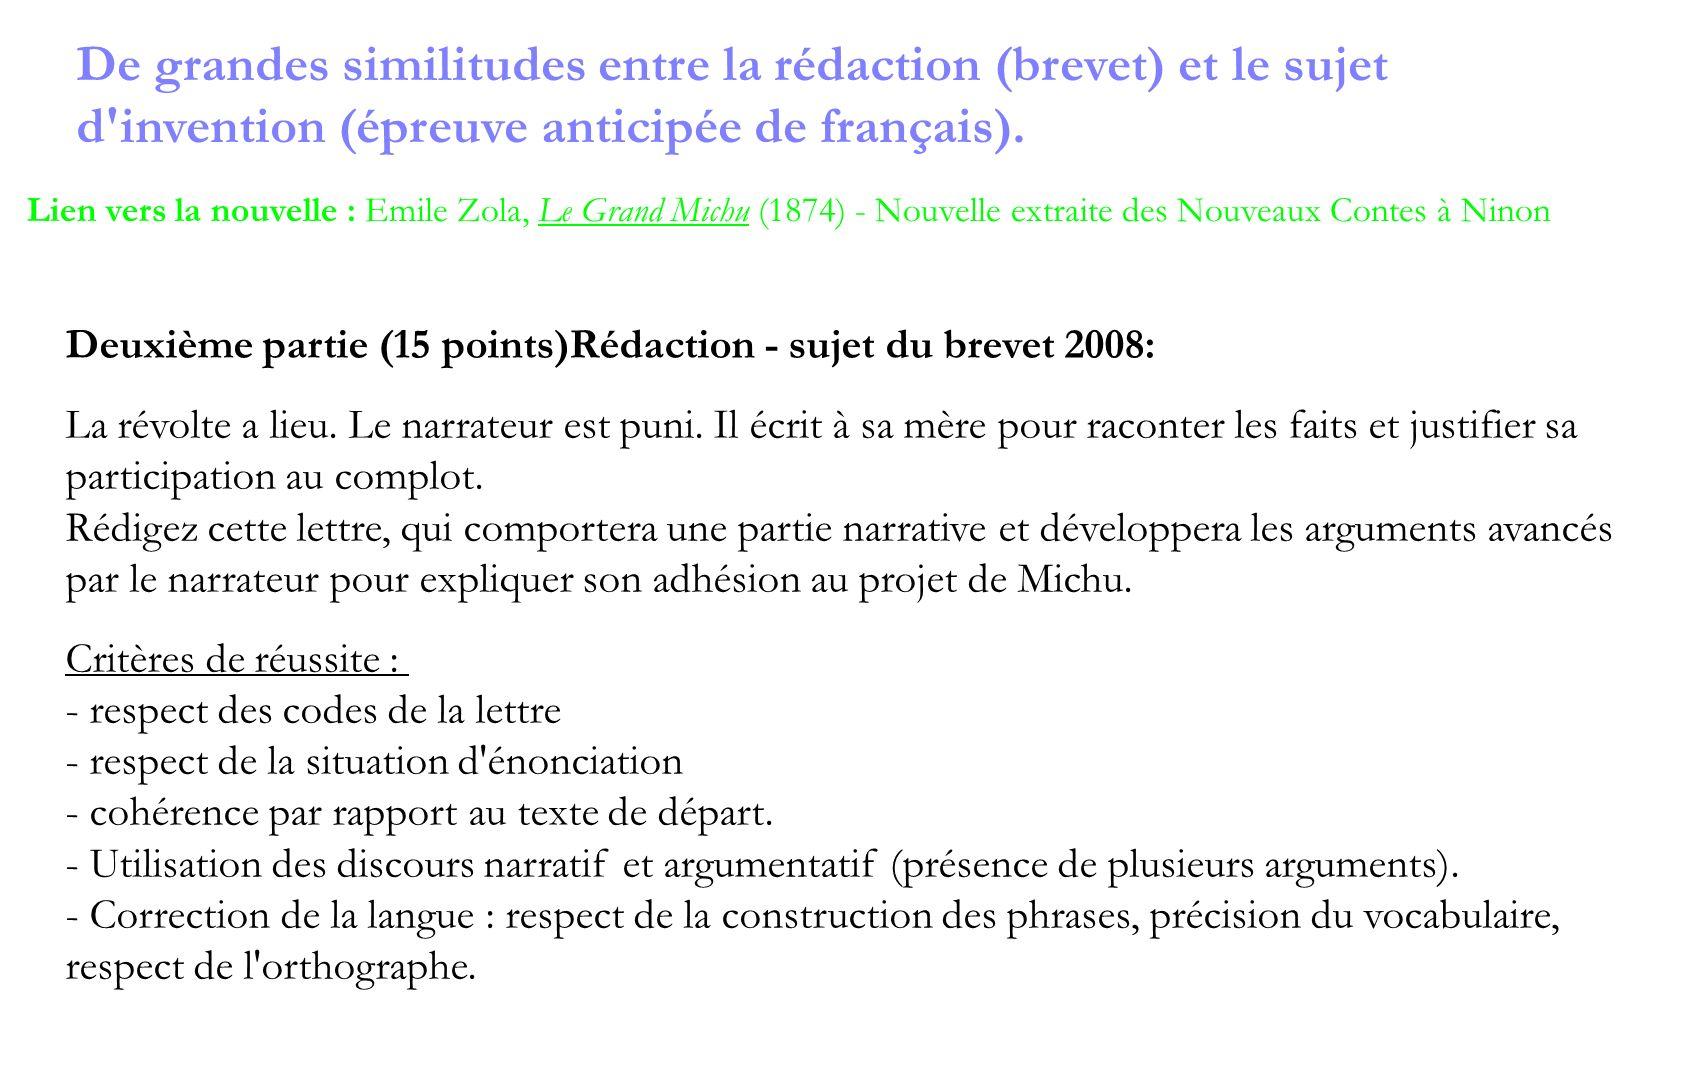 Deuxième partie (15 points)Rédaction - sujet du brevet 2008: La révolte a lieu. Le narrateur est puni. Il écrit à sa mère pour raconter les faits et j